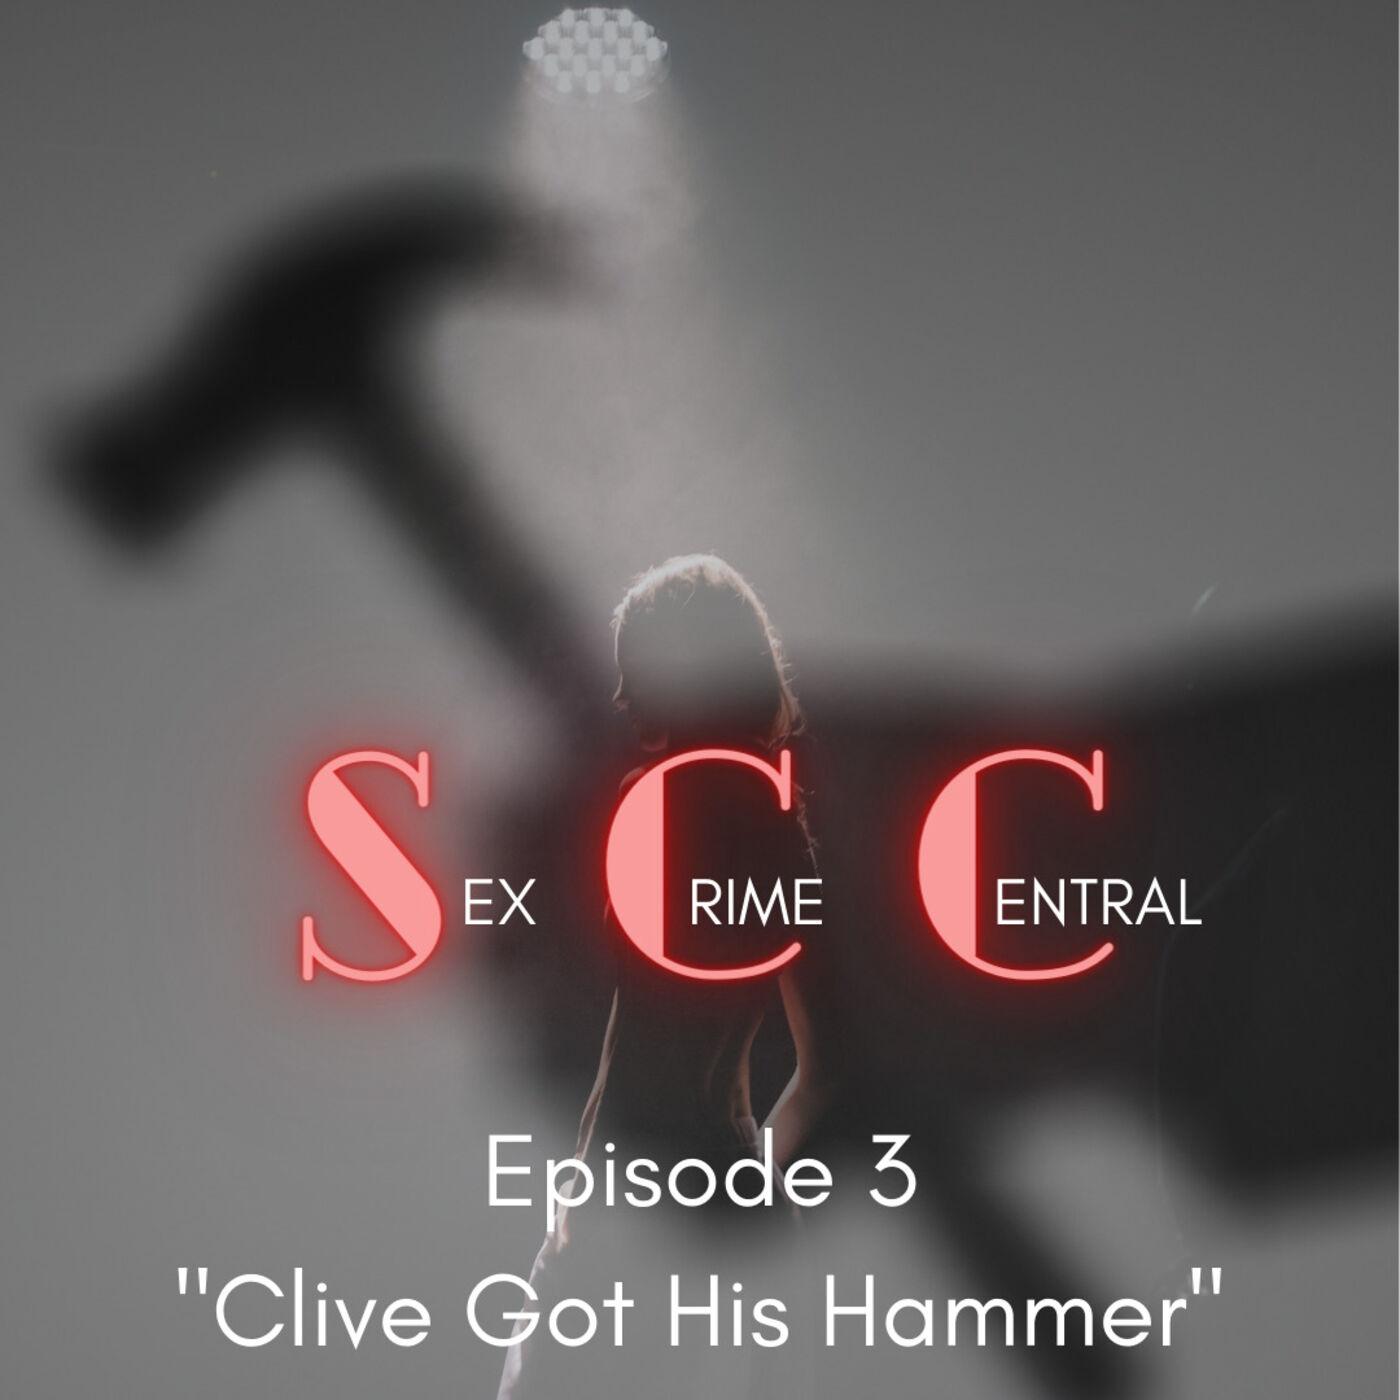 Clive Got His Hammer